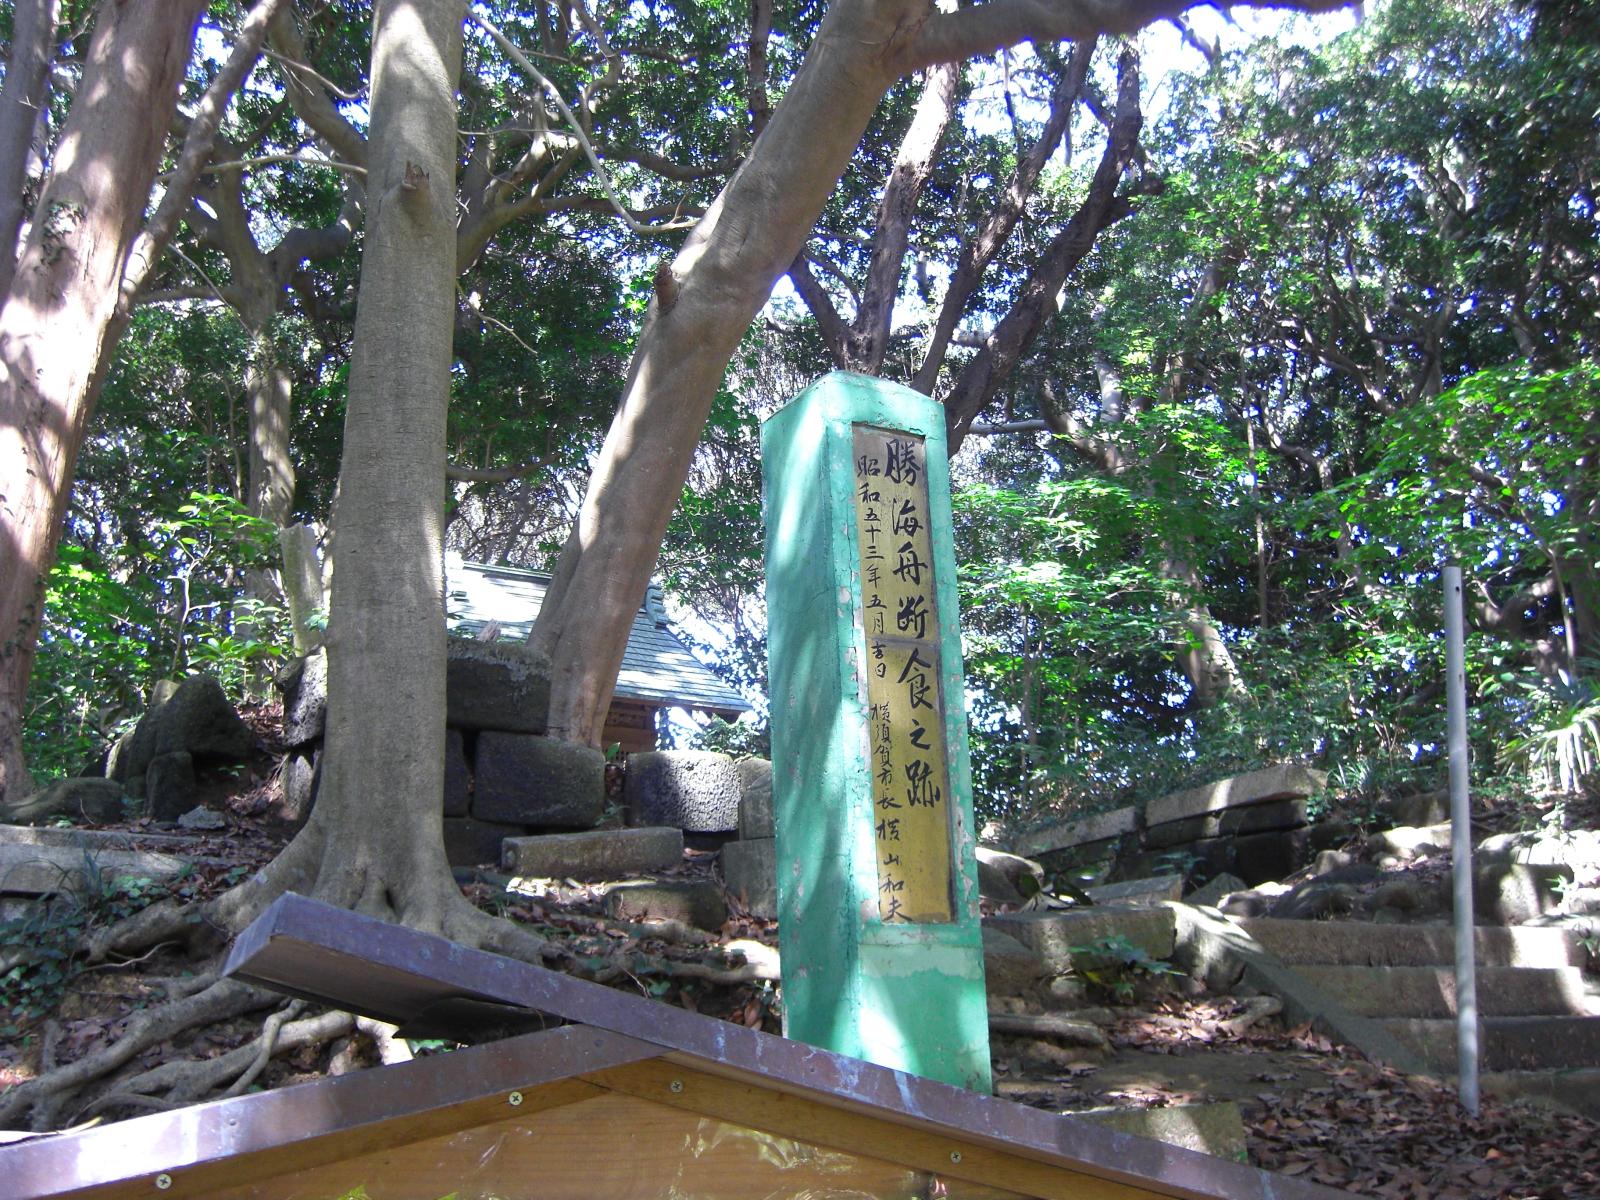 2015/09/23三浦半島めぐり4